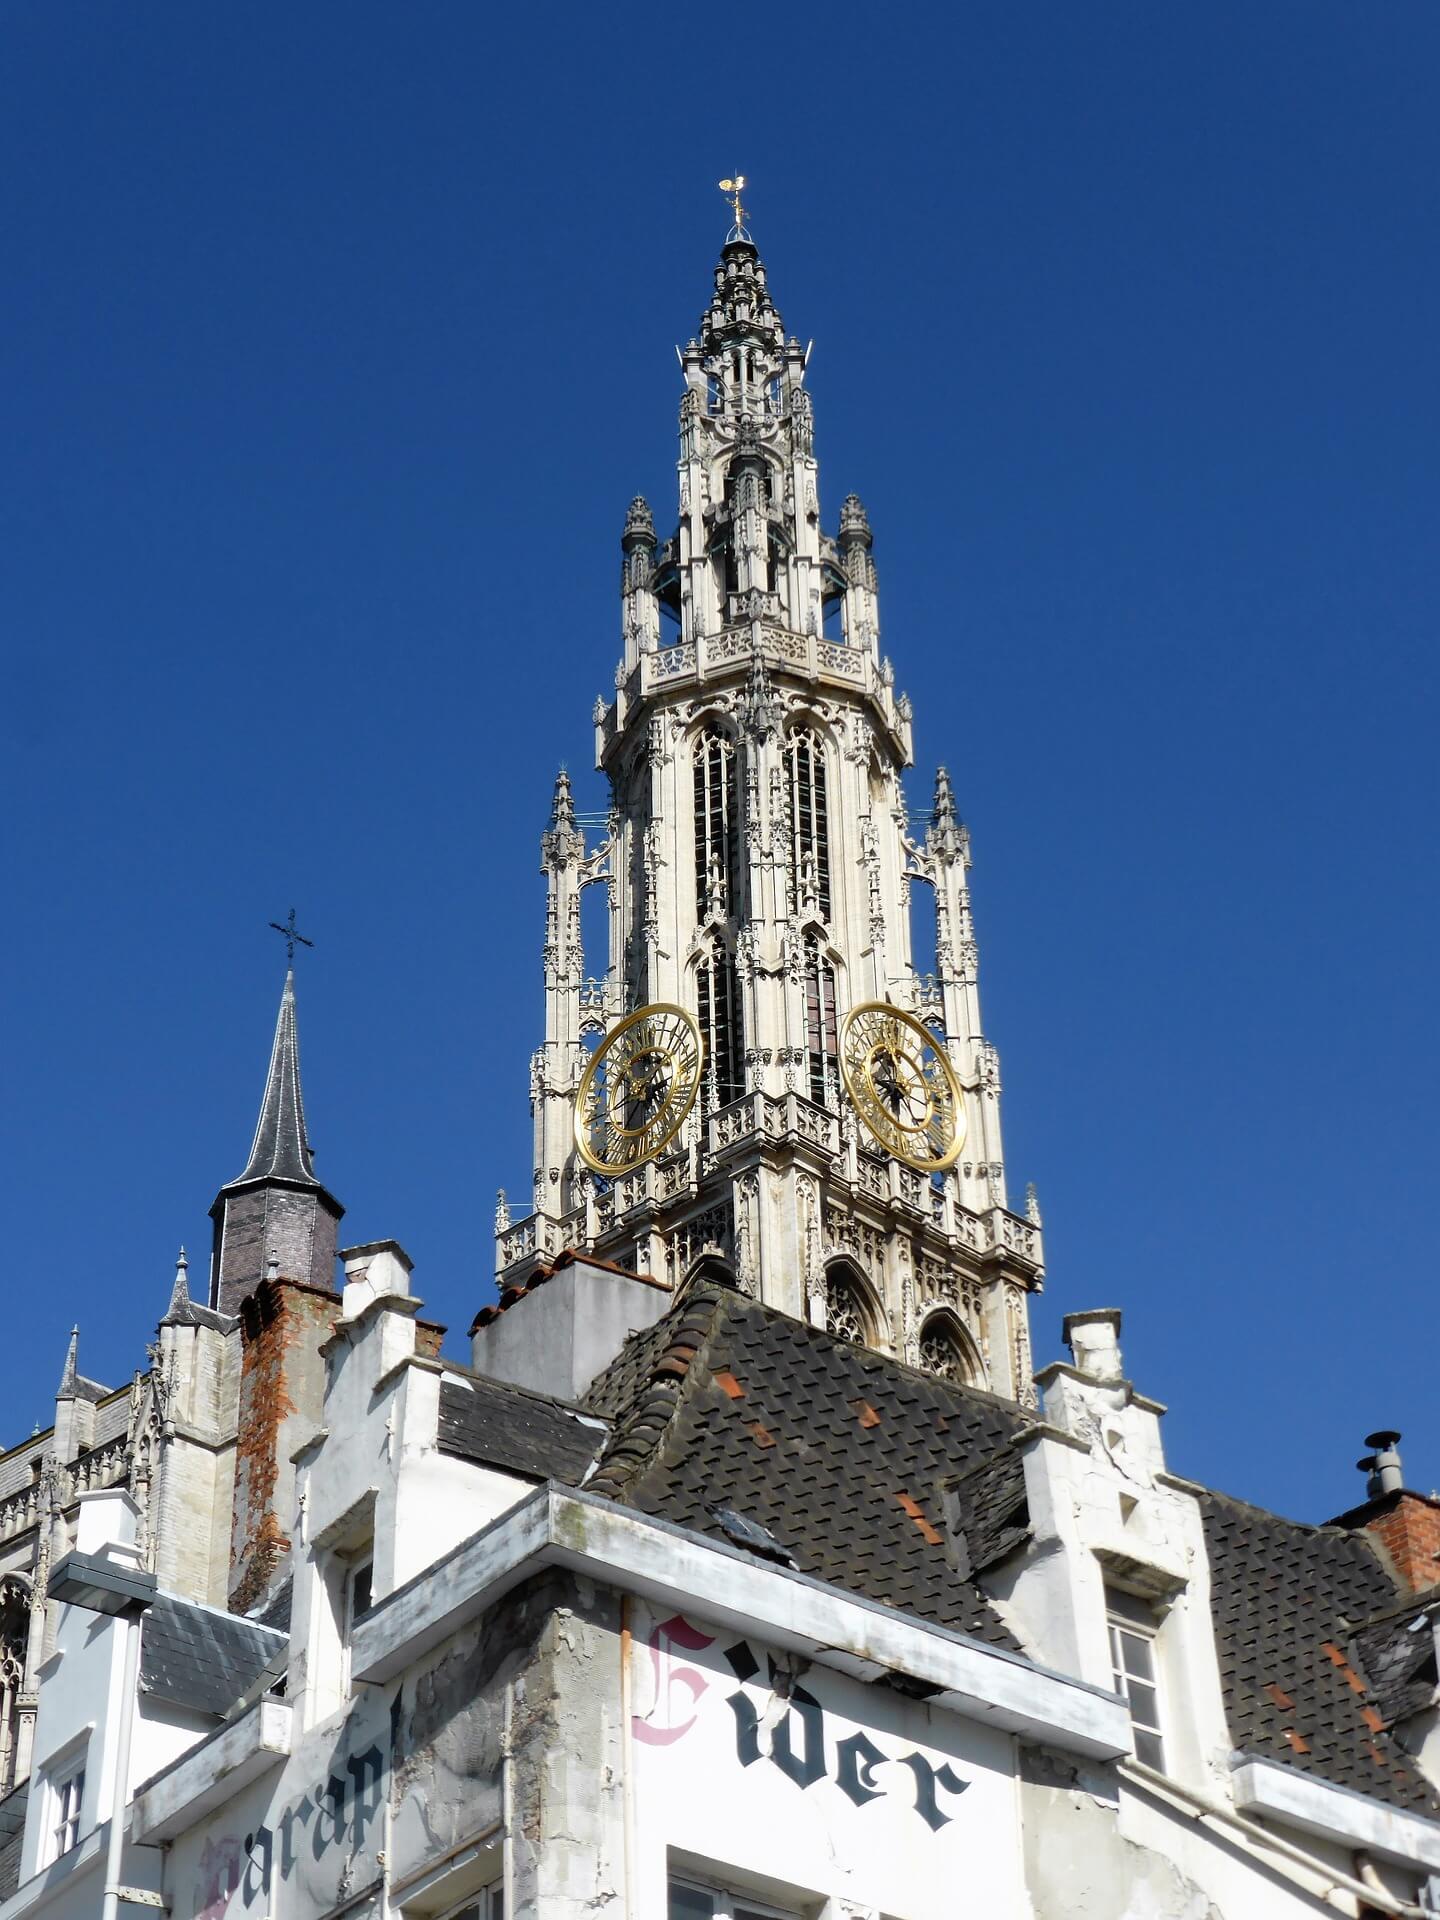 Rental Car in Antwerp 4